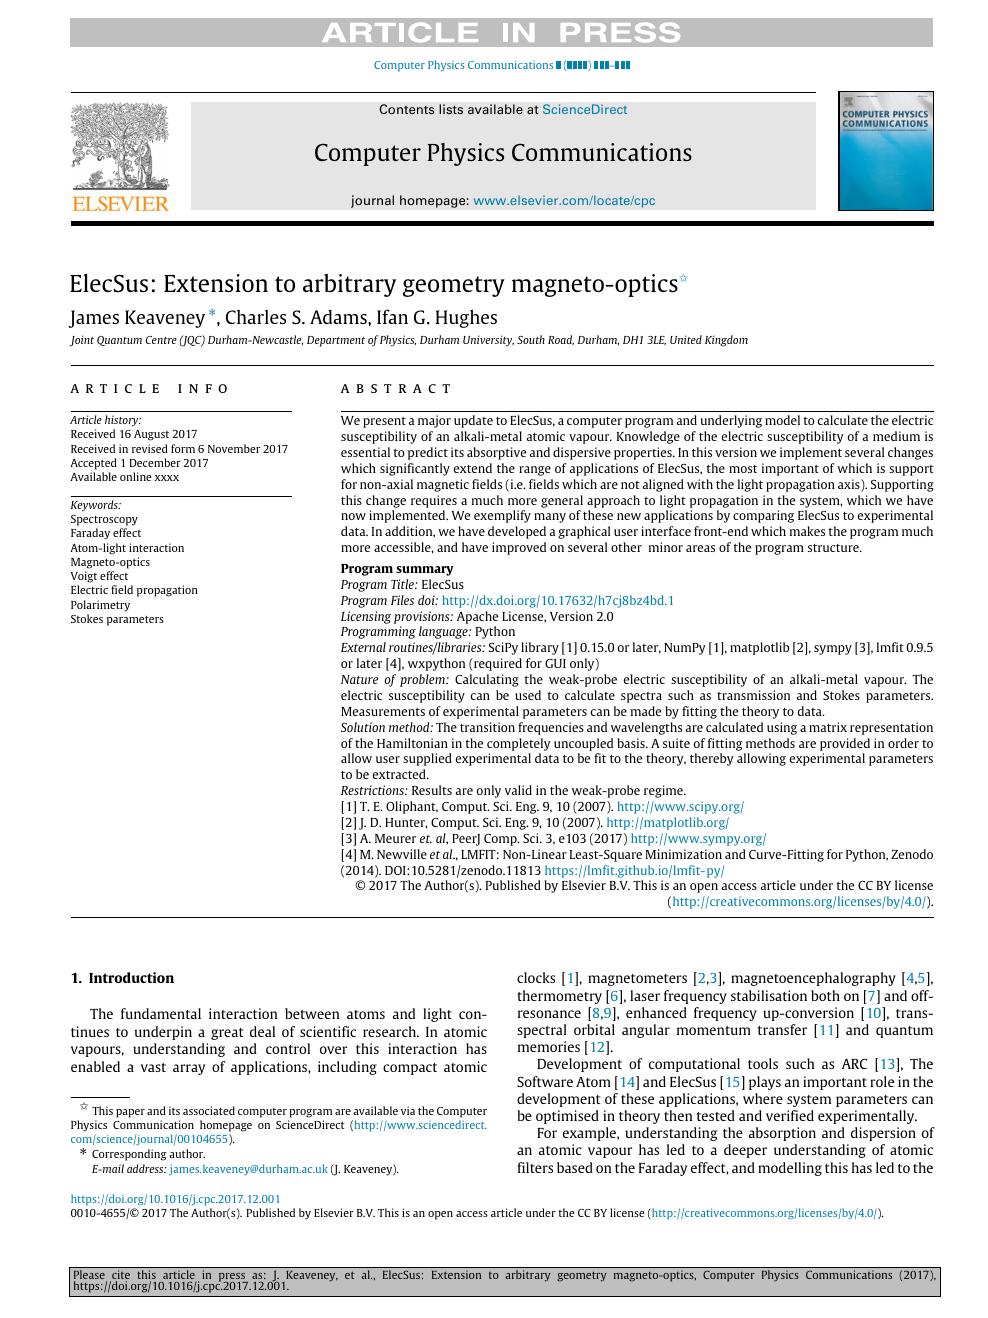 ElecSus: Extension to arbitrary geometry magneto-optics